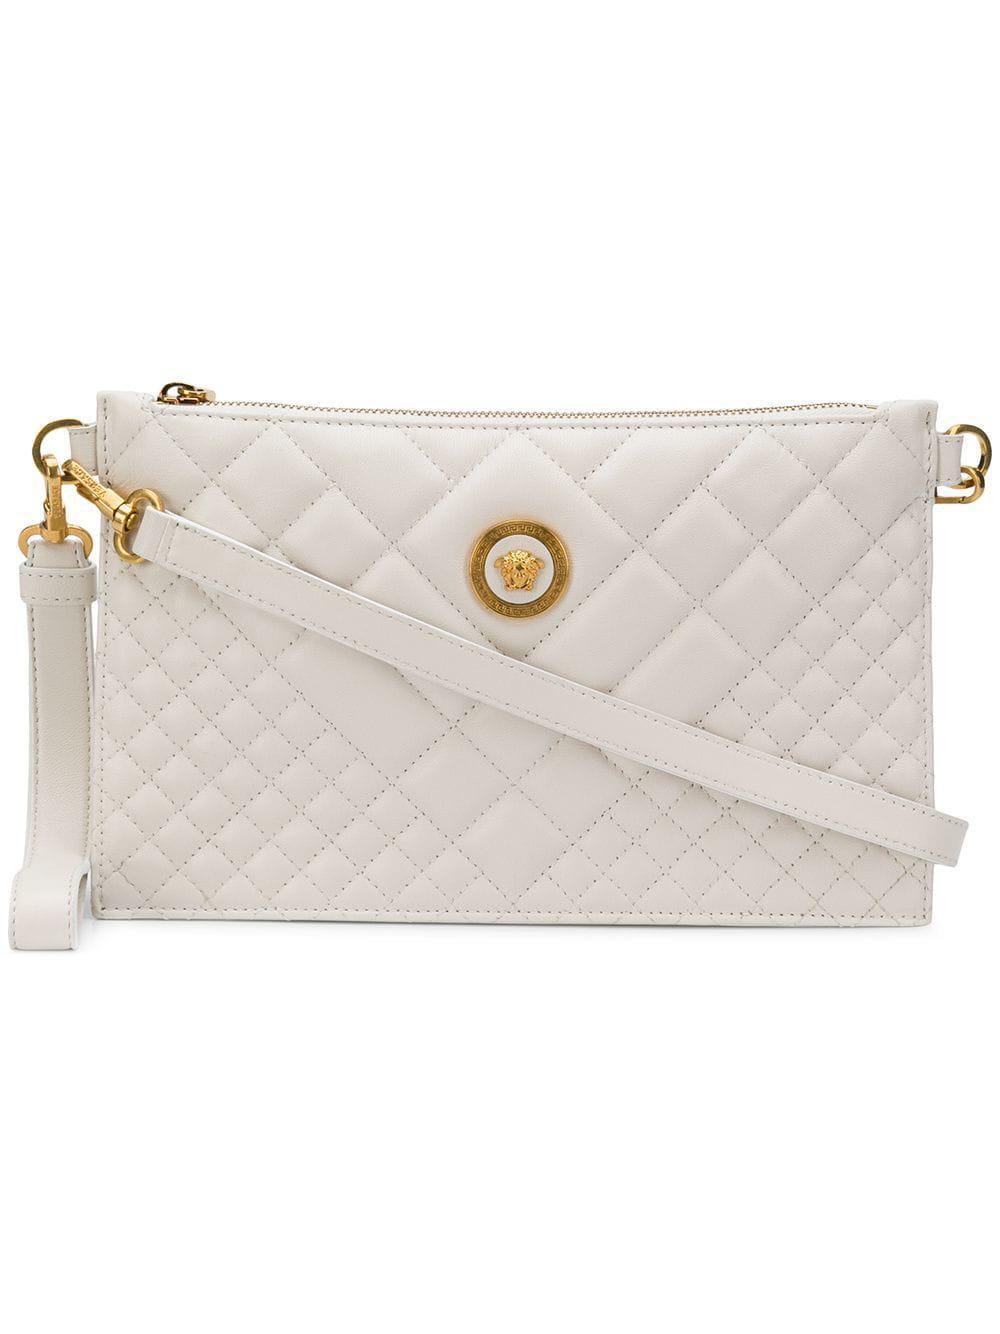 e727a8c779 Versace. Women s Quilted Medusa Clutch Bag